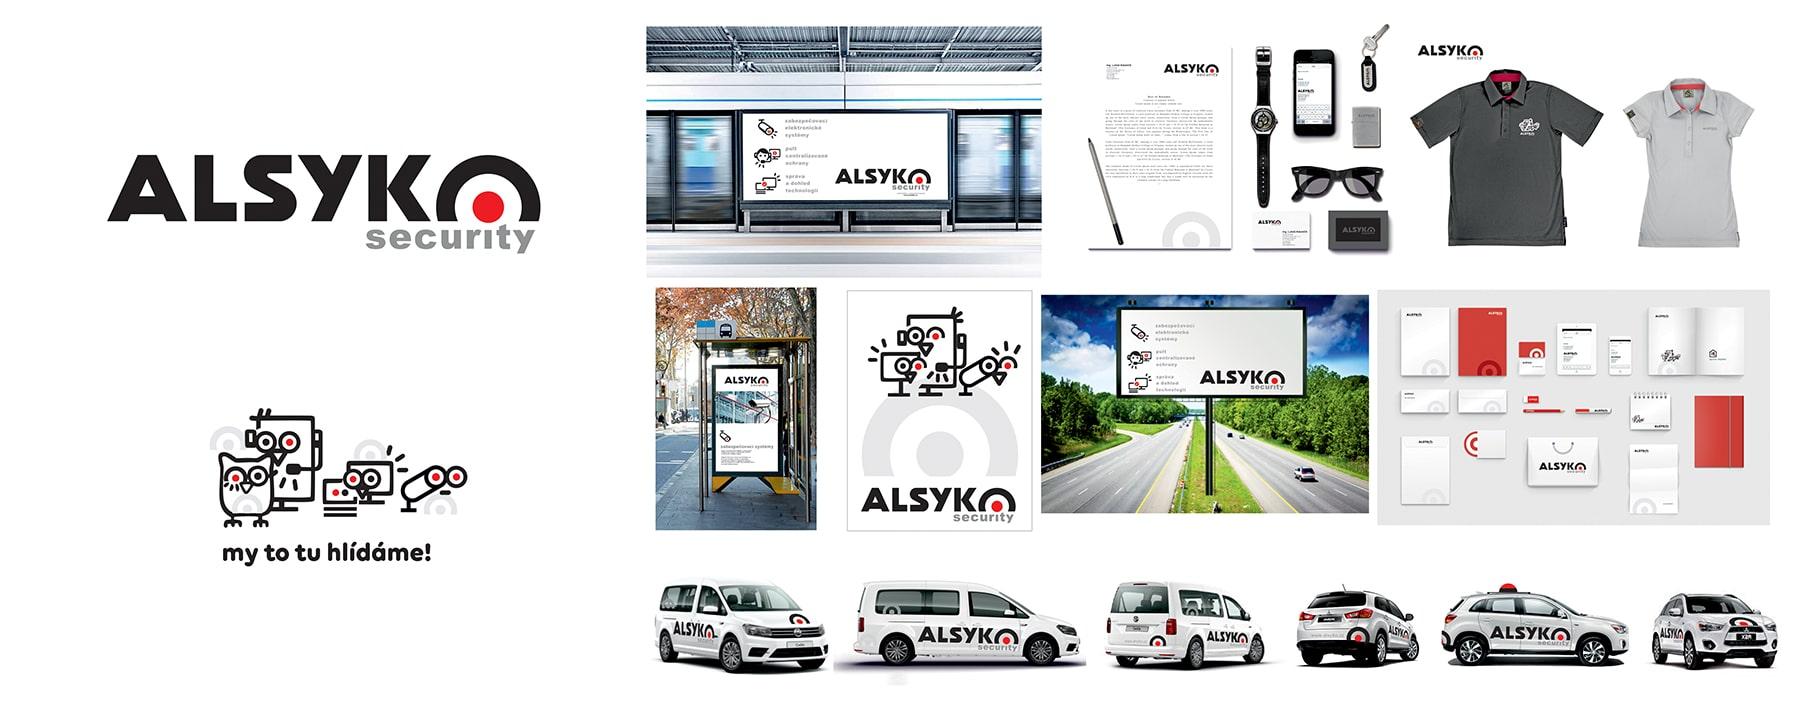 corporate identity Alsyko